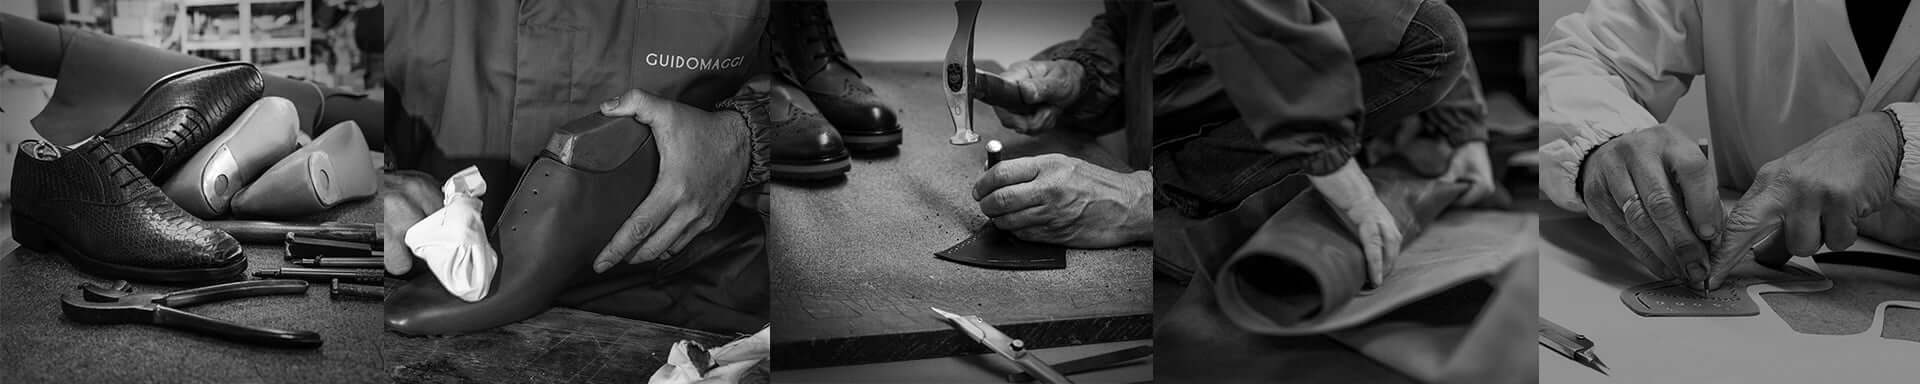 handwerker schumaker italienischer guidomaggi